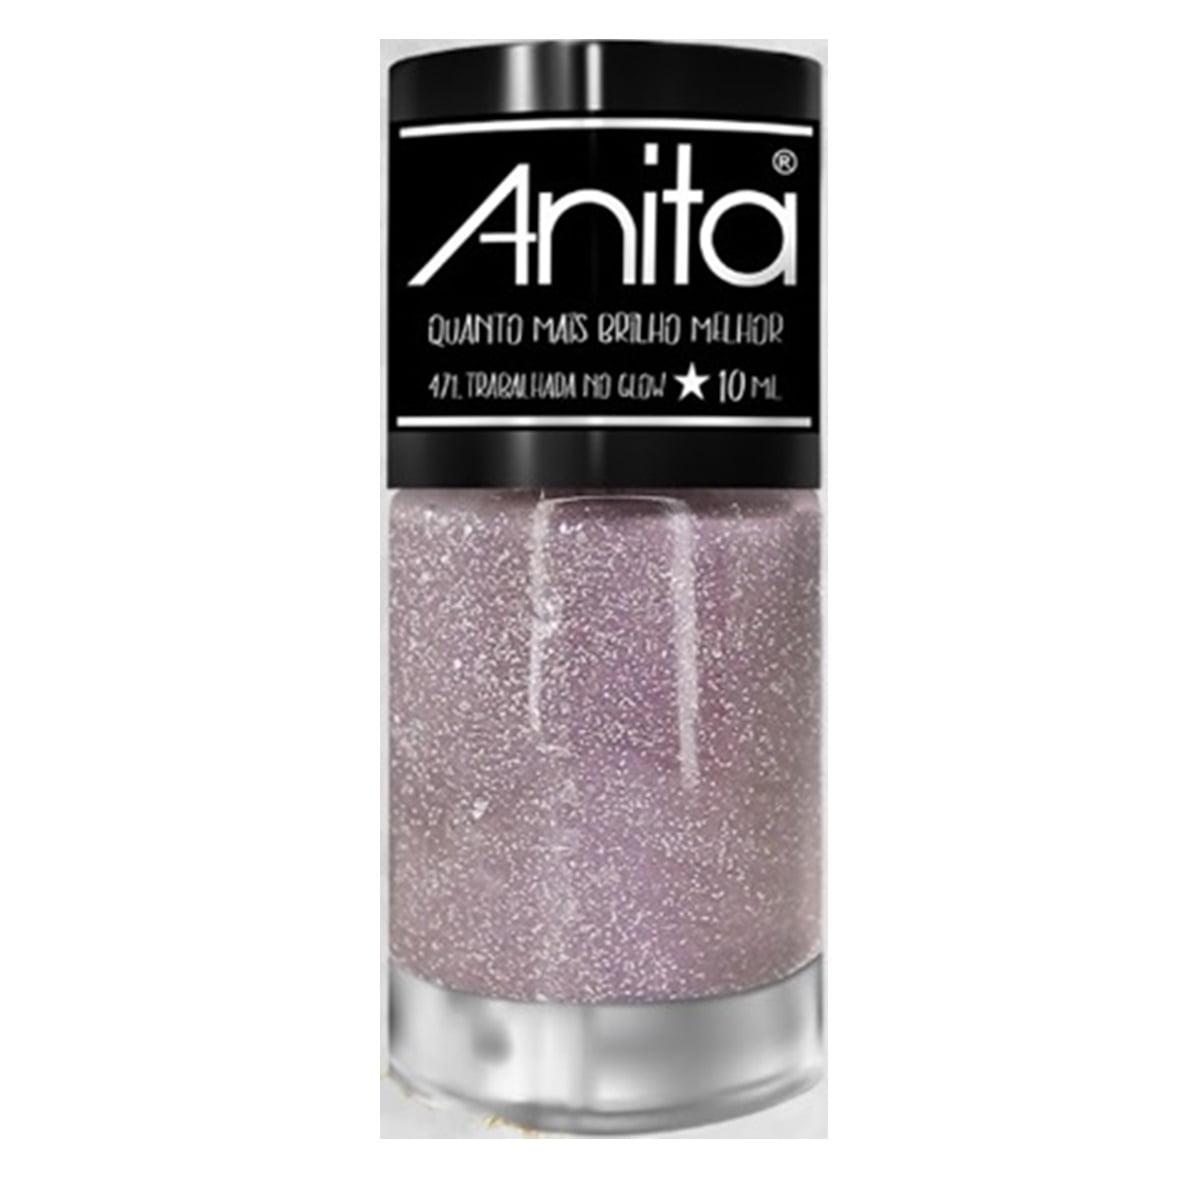 Esmalte Anita 471 Trabalhada no Glow - Quanto Mais Brilho Melhor